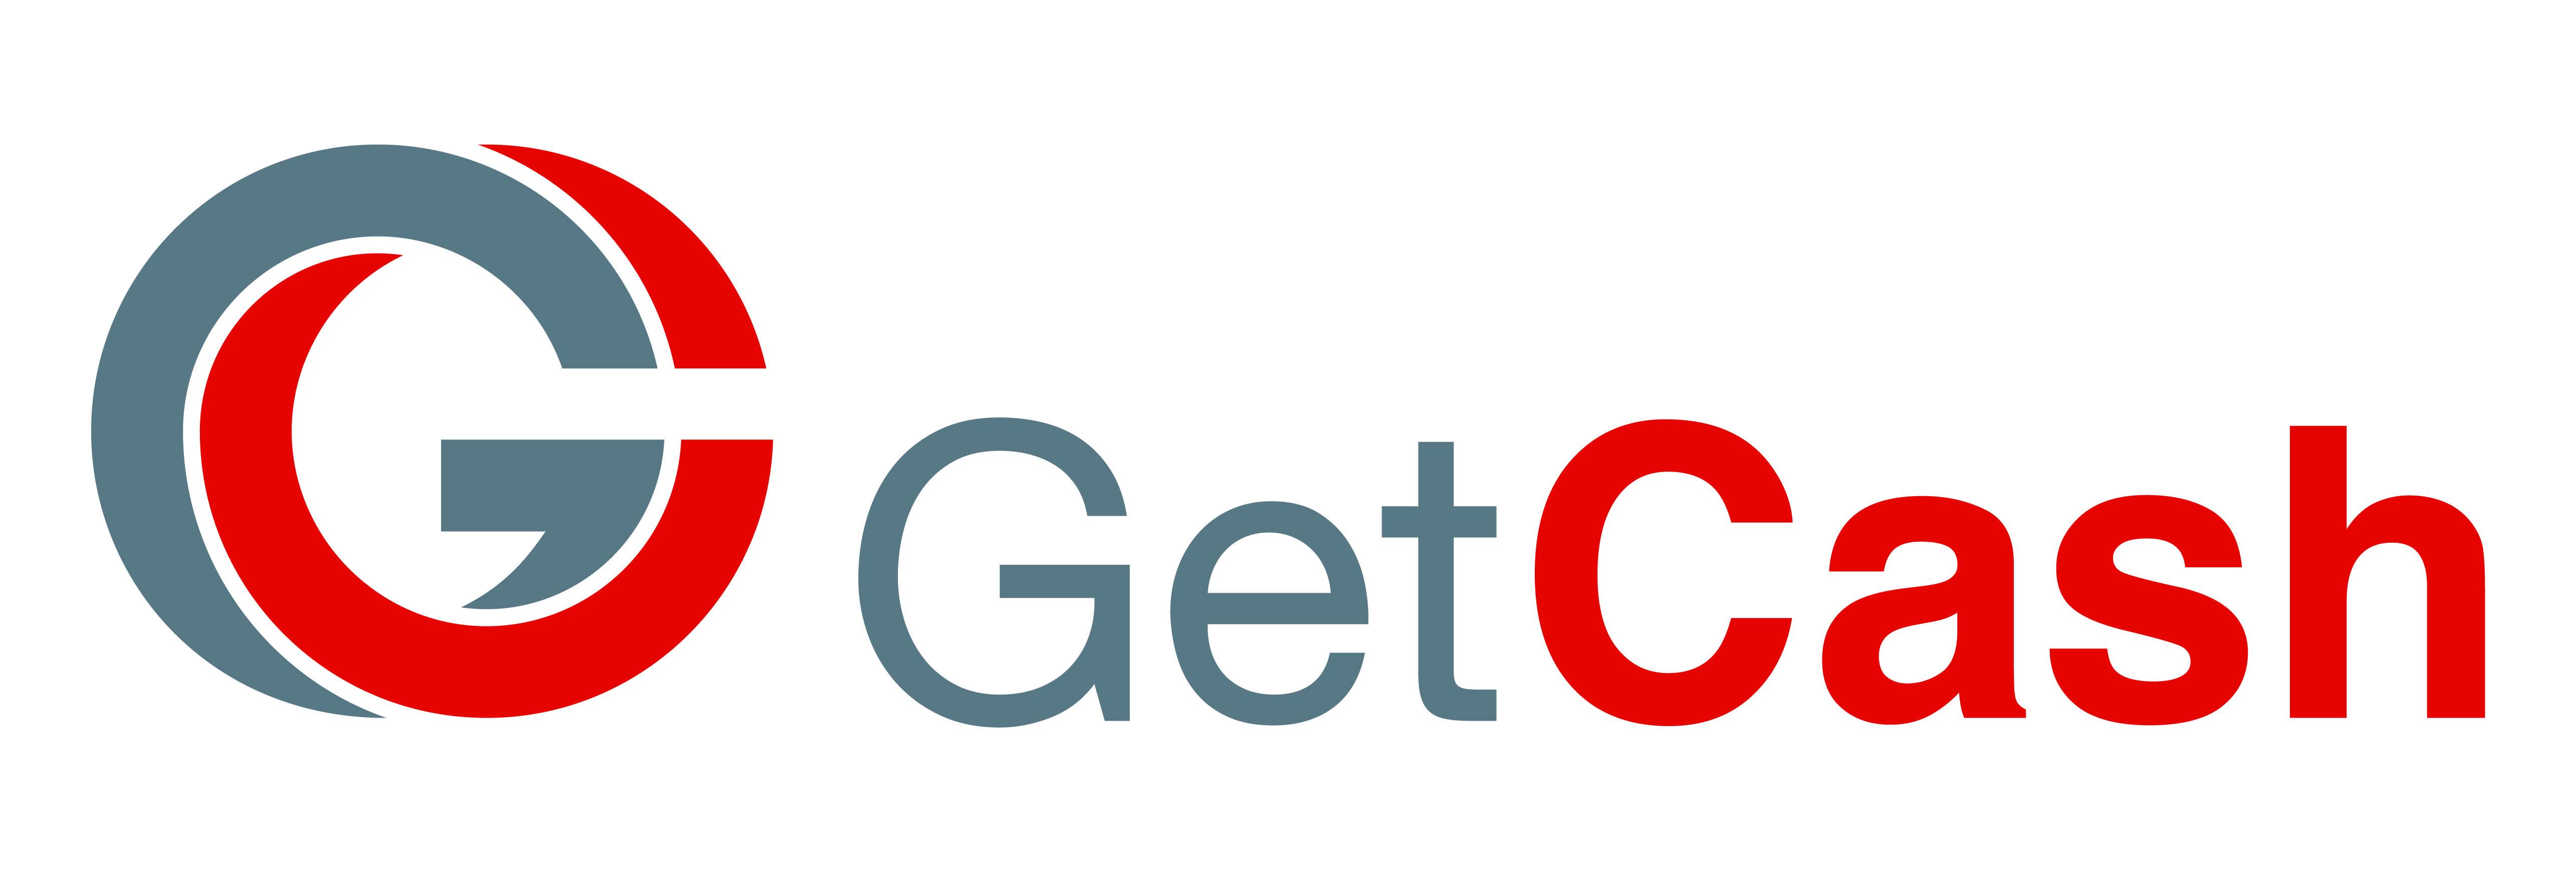 getcash-logo